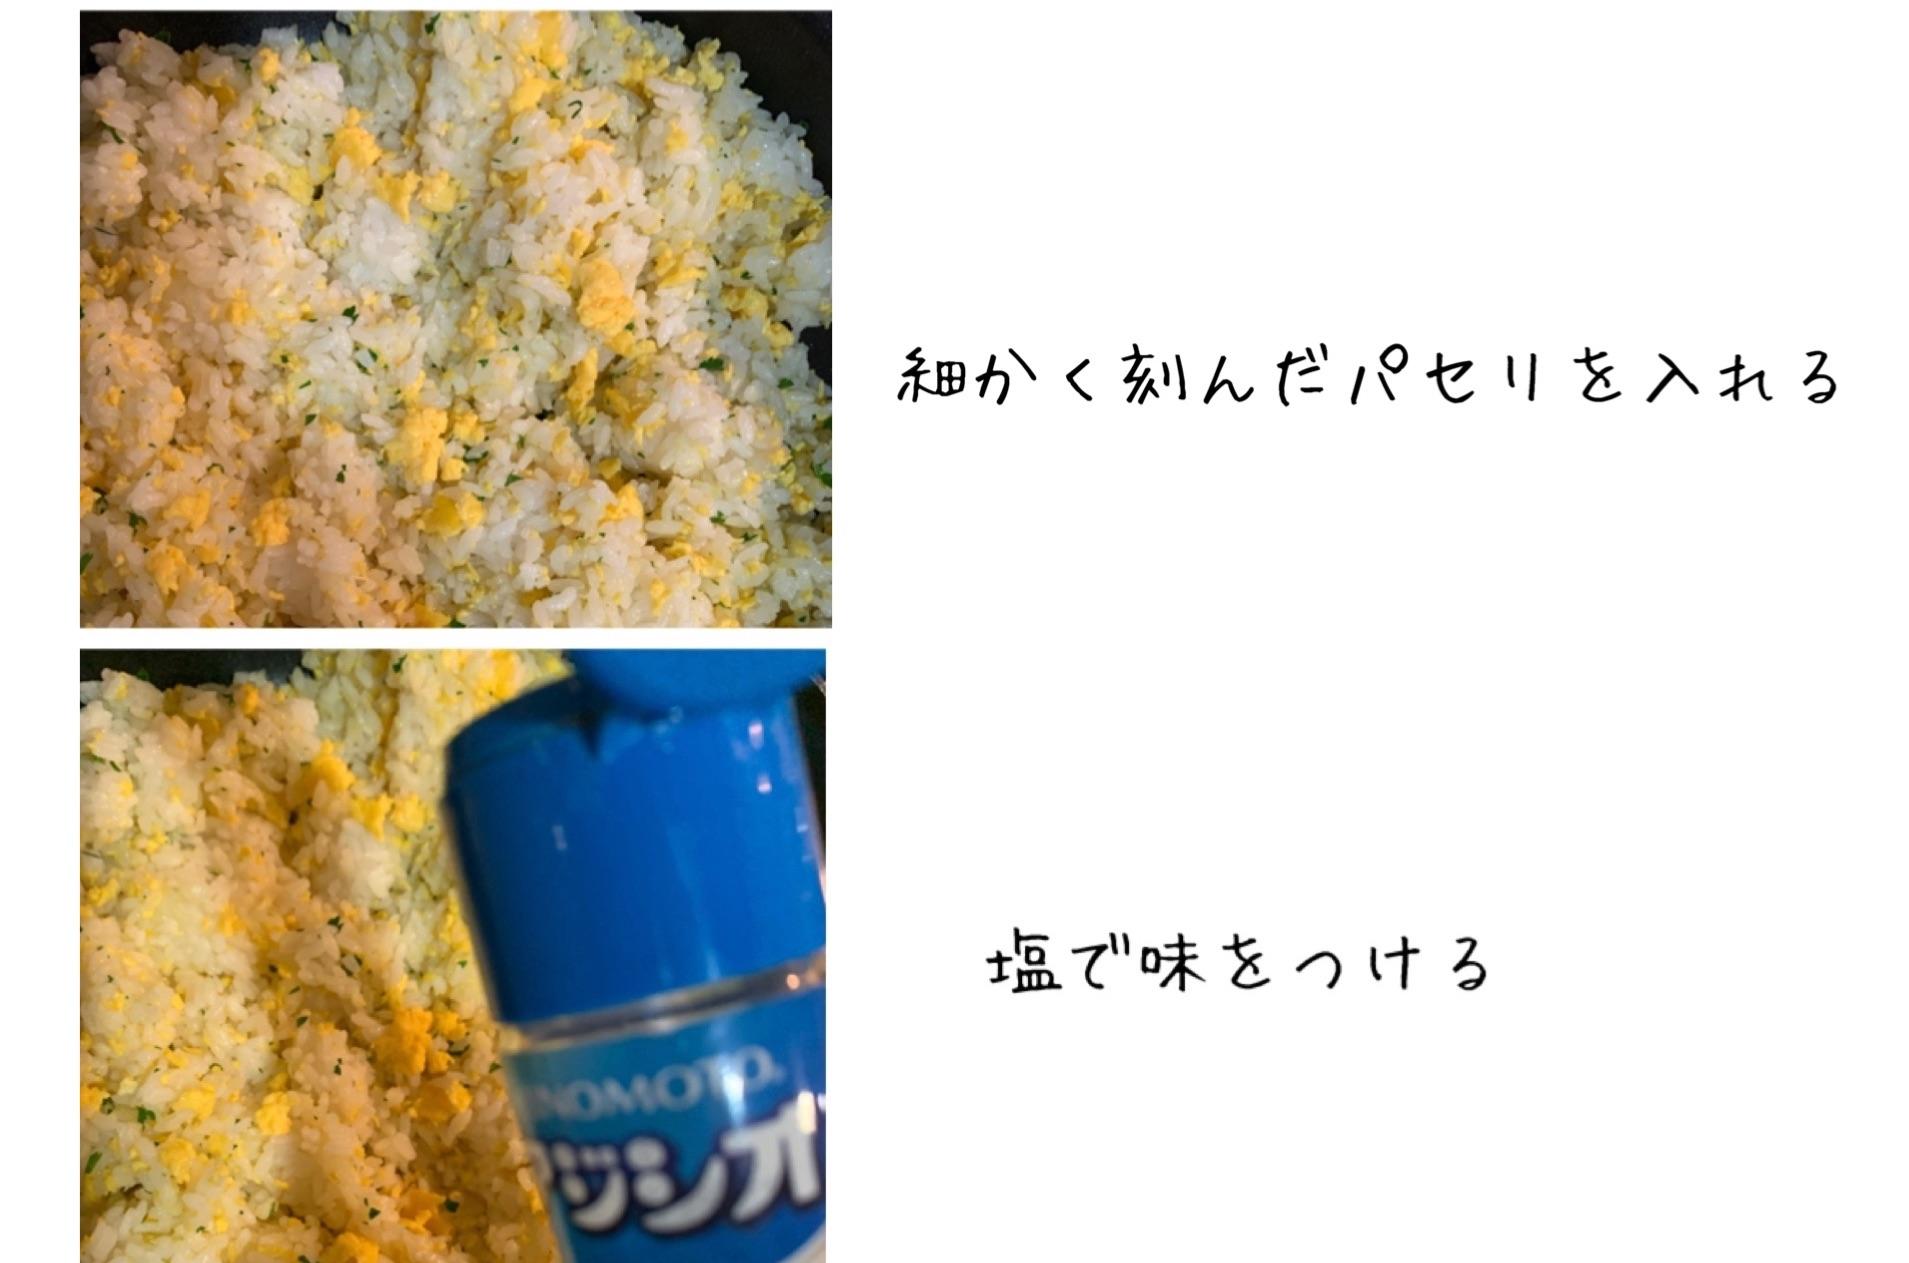 f:id:ikiruikeru43:20200513213234j:image